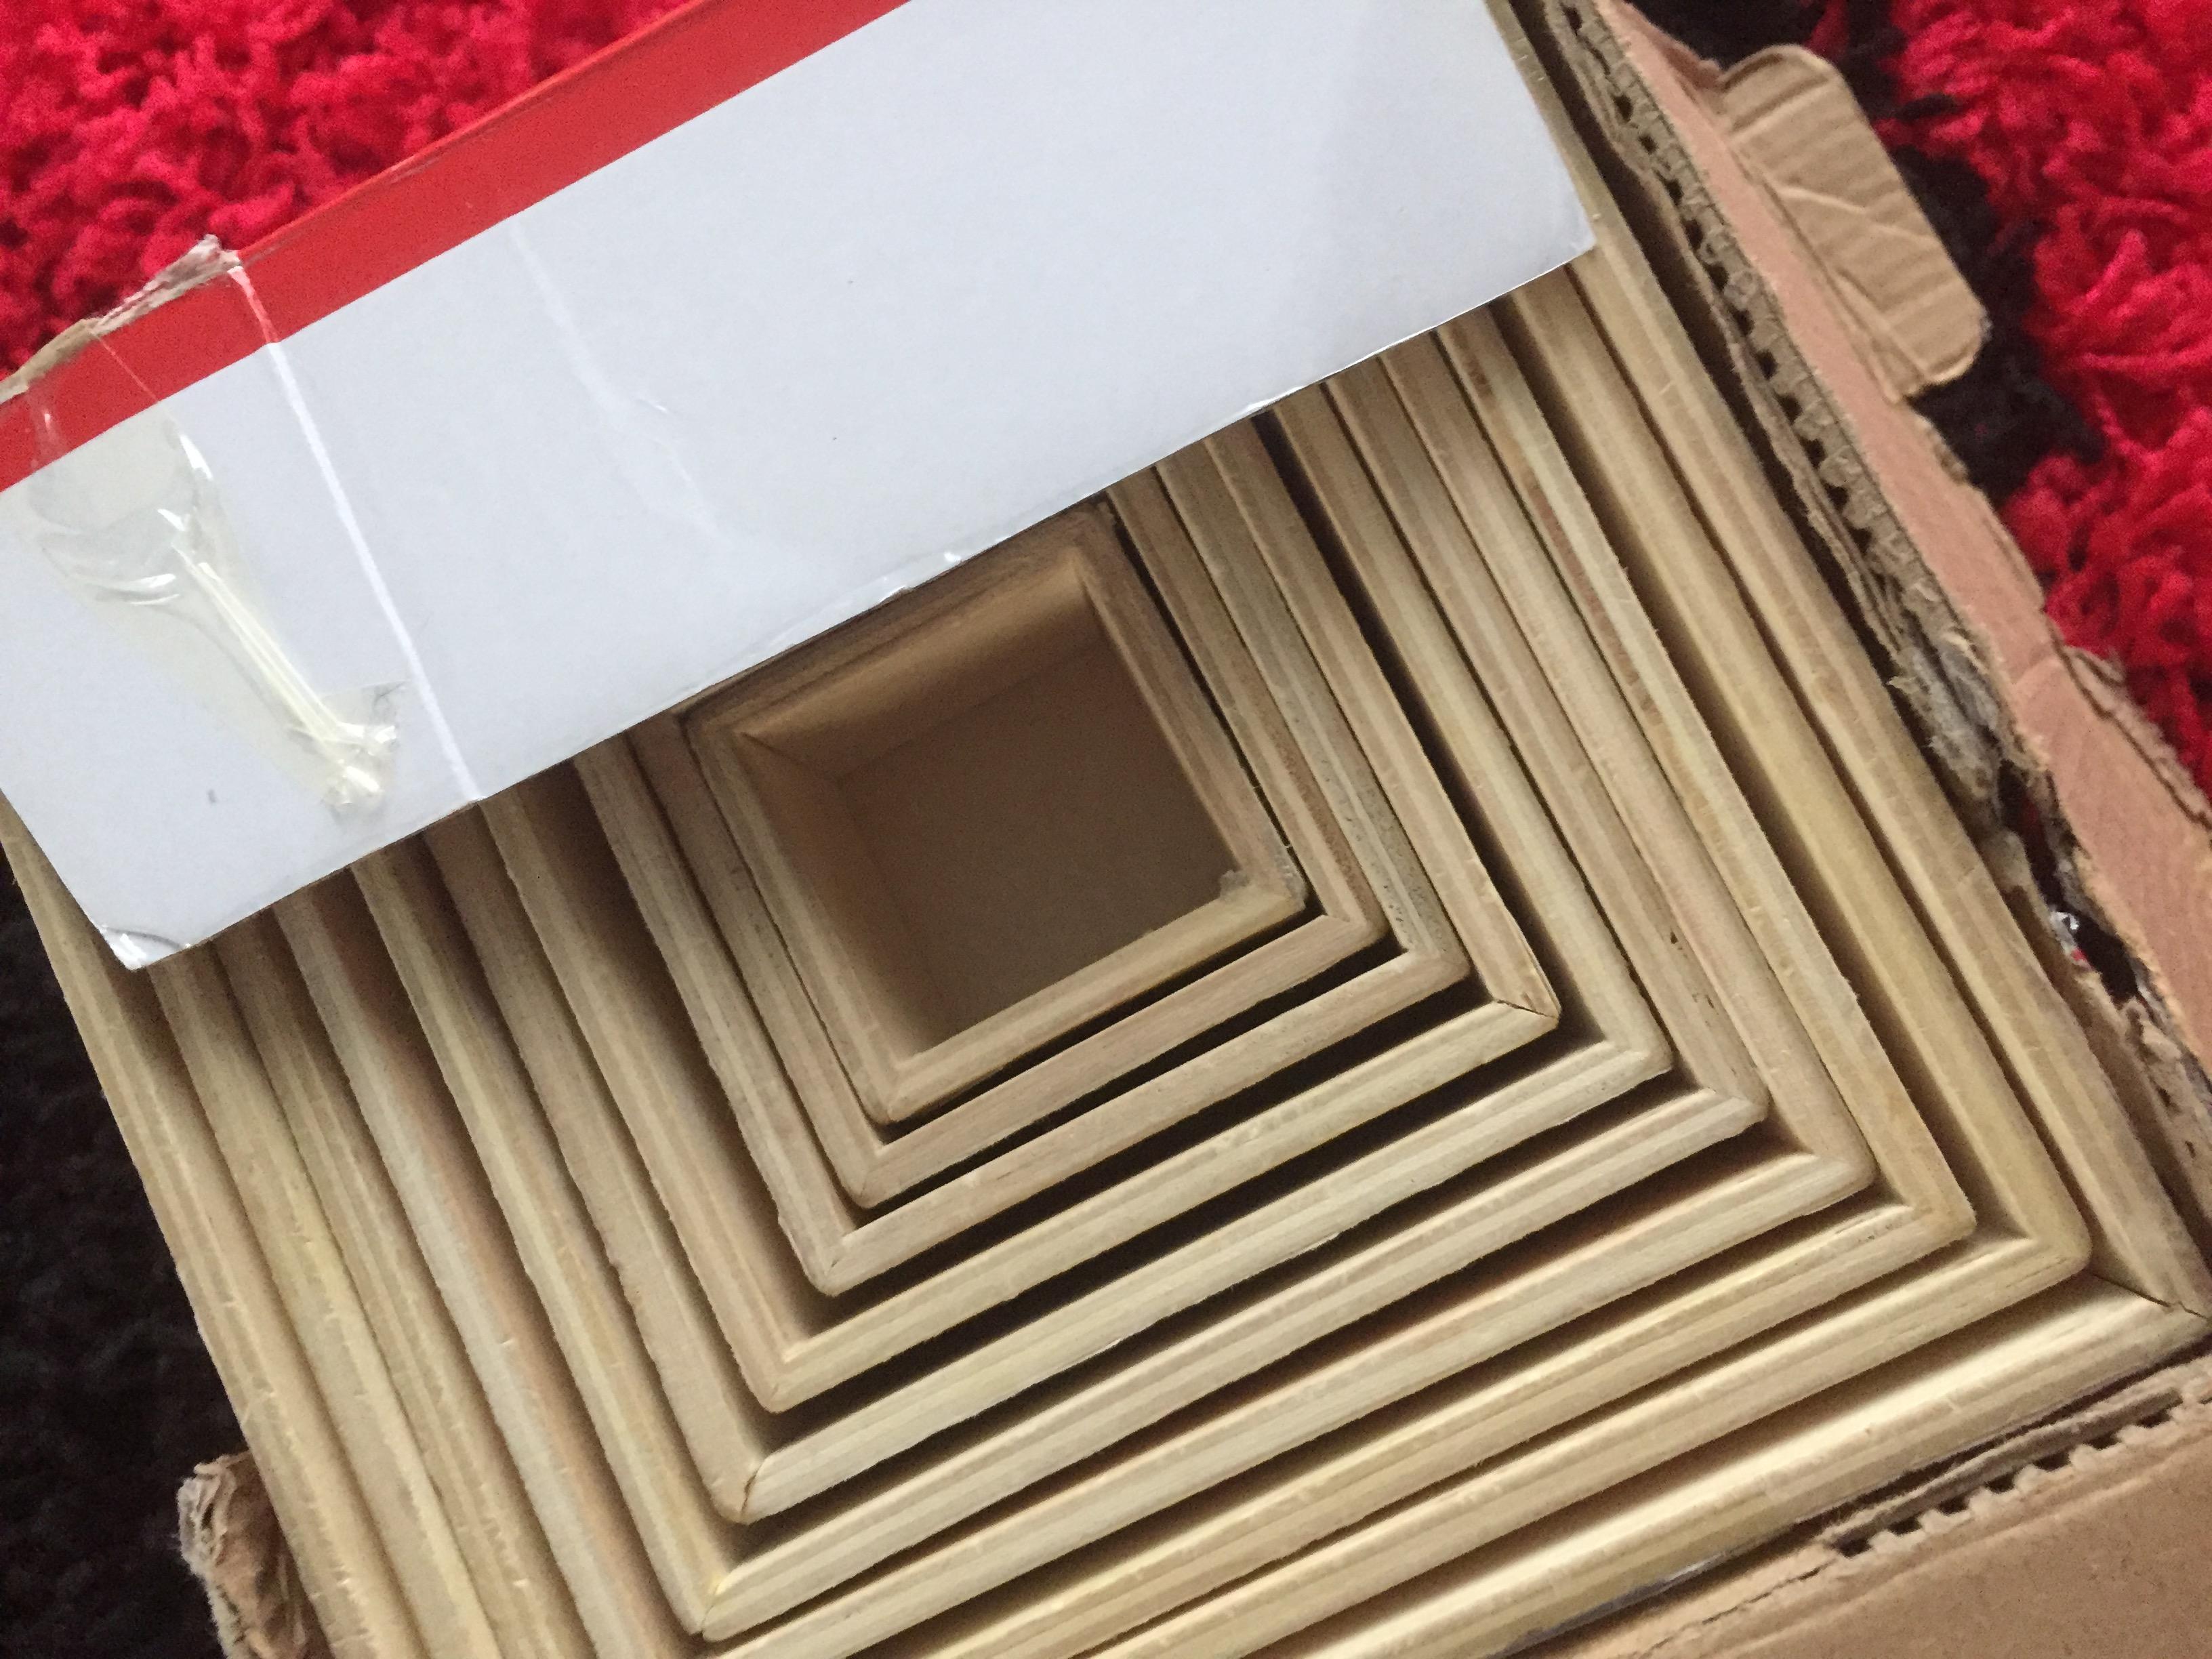 Cuburi din lemn de carton marca Happy Iulius Mall. Pentru că meriți!